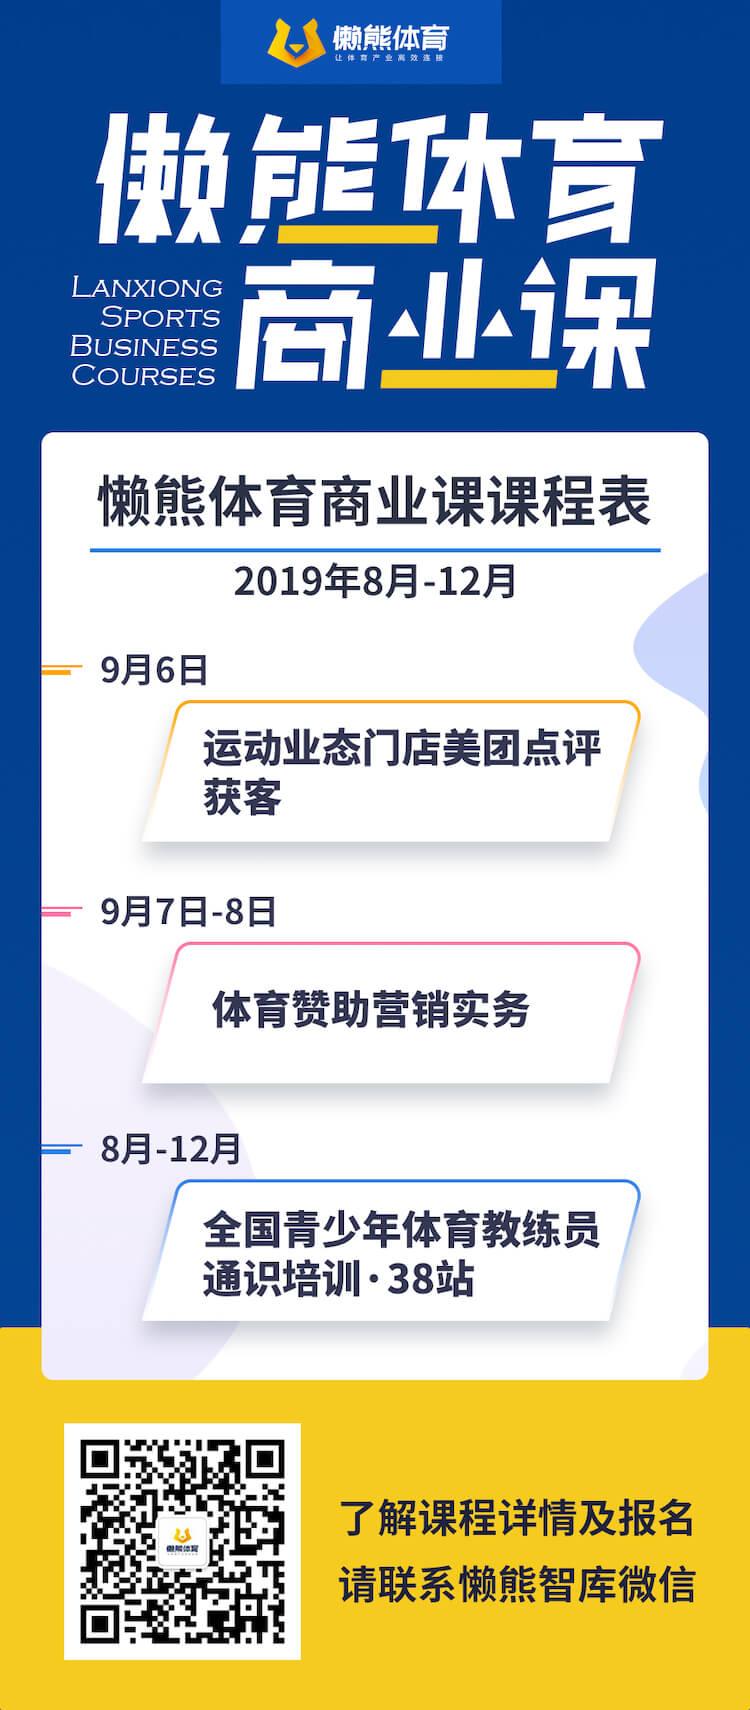 中国男篮公布世界杯12人大名单,易建联首次担任国家队队长